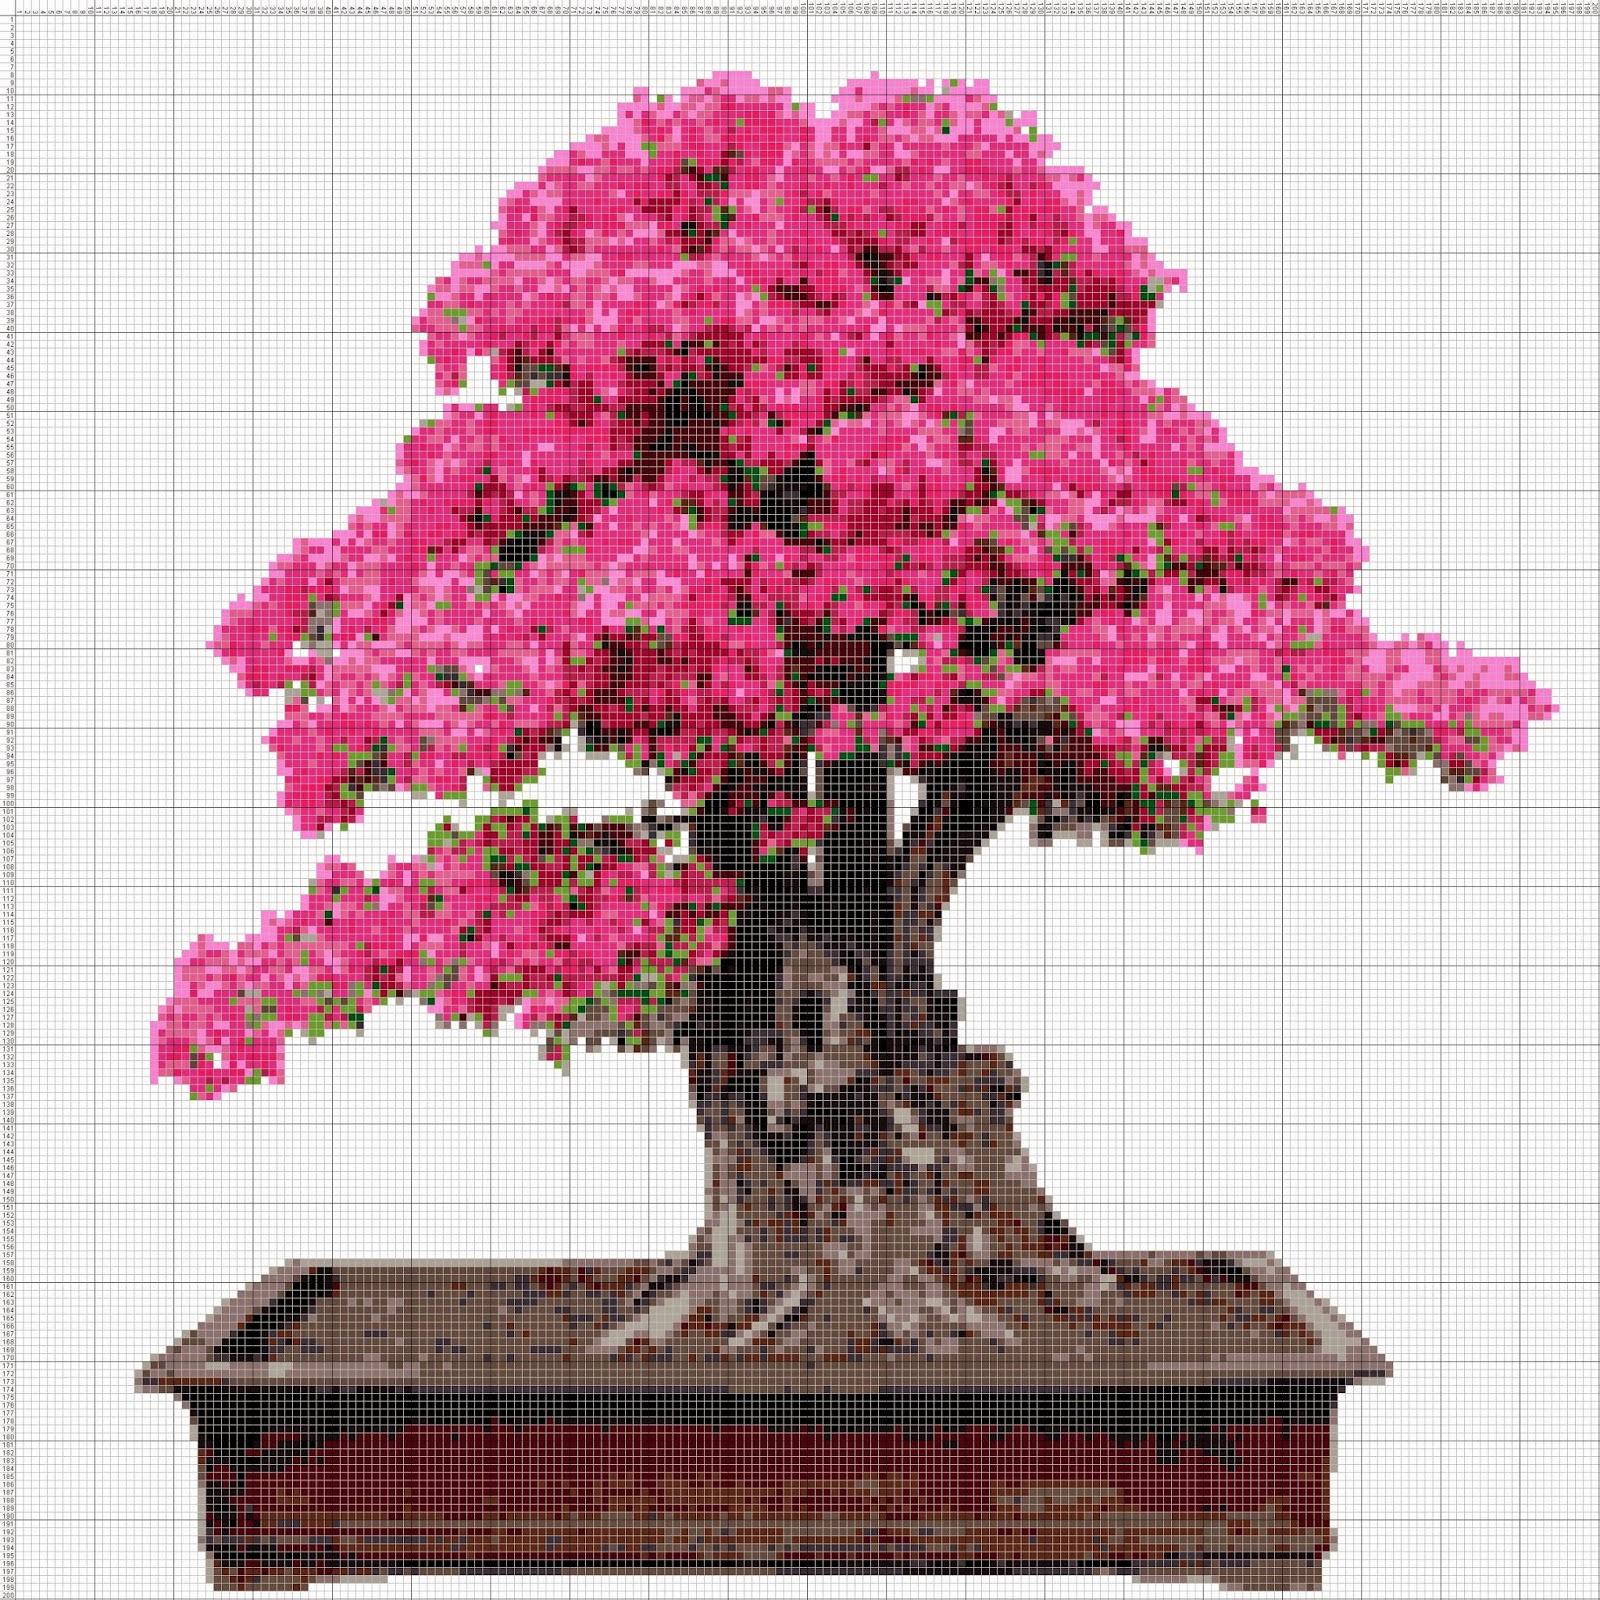 Gambar Pola Kristik Pohon Bonsai Bougenville